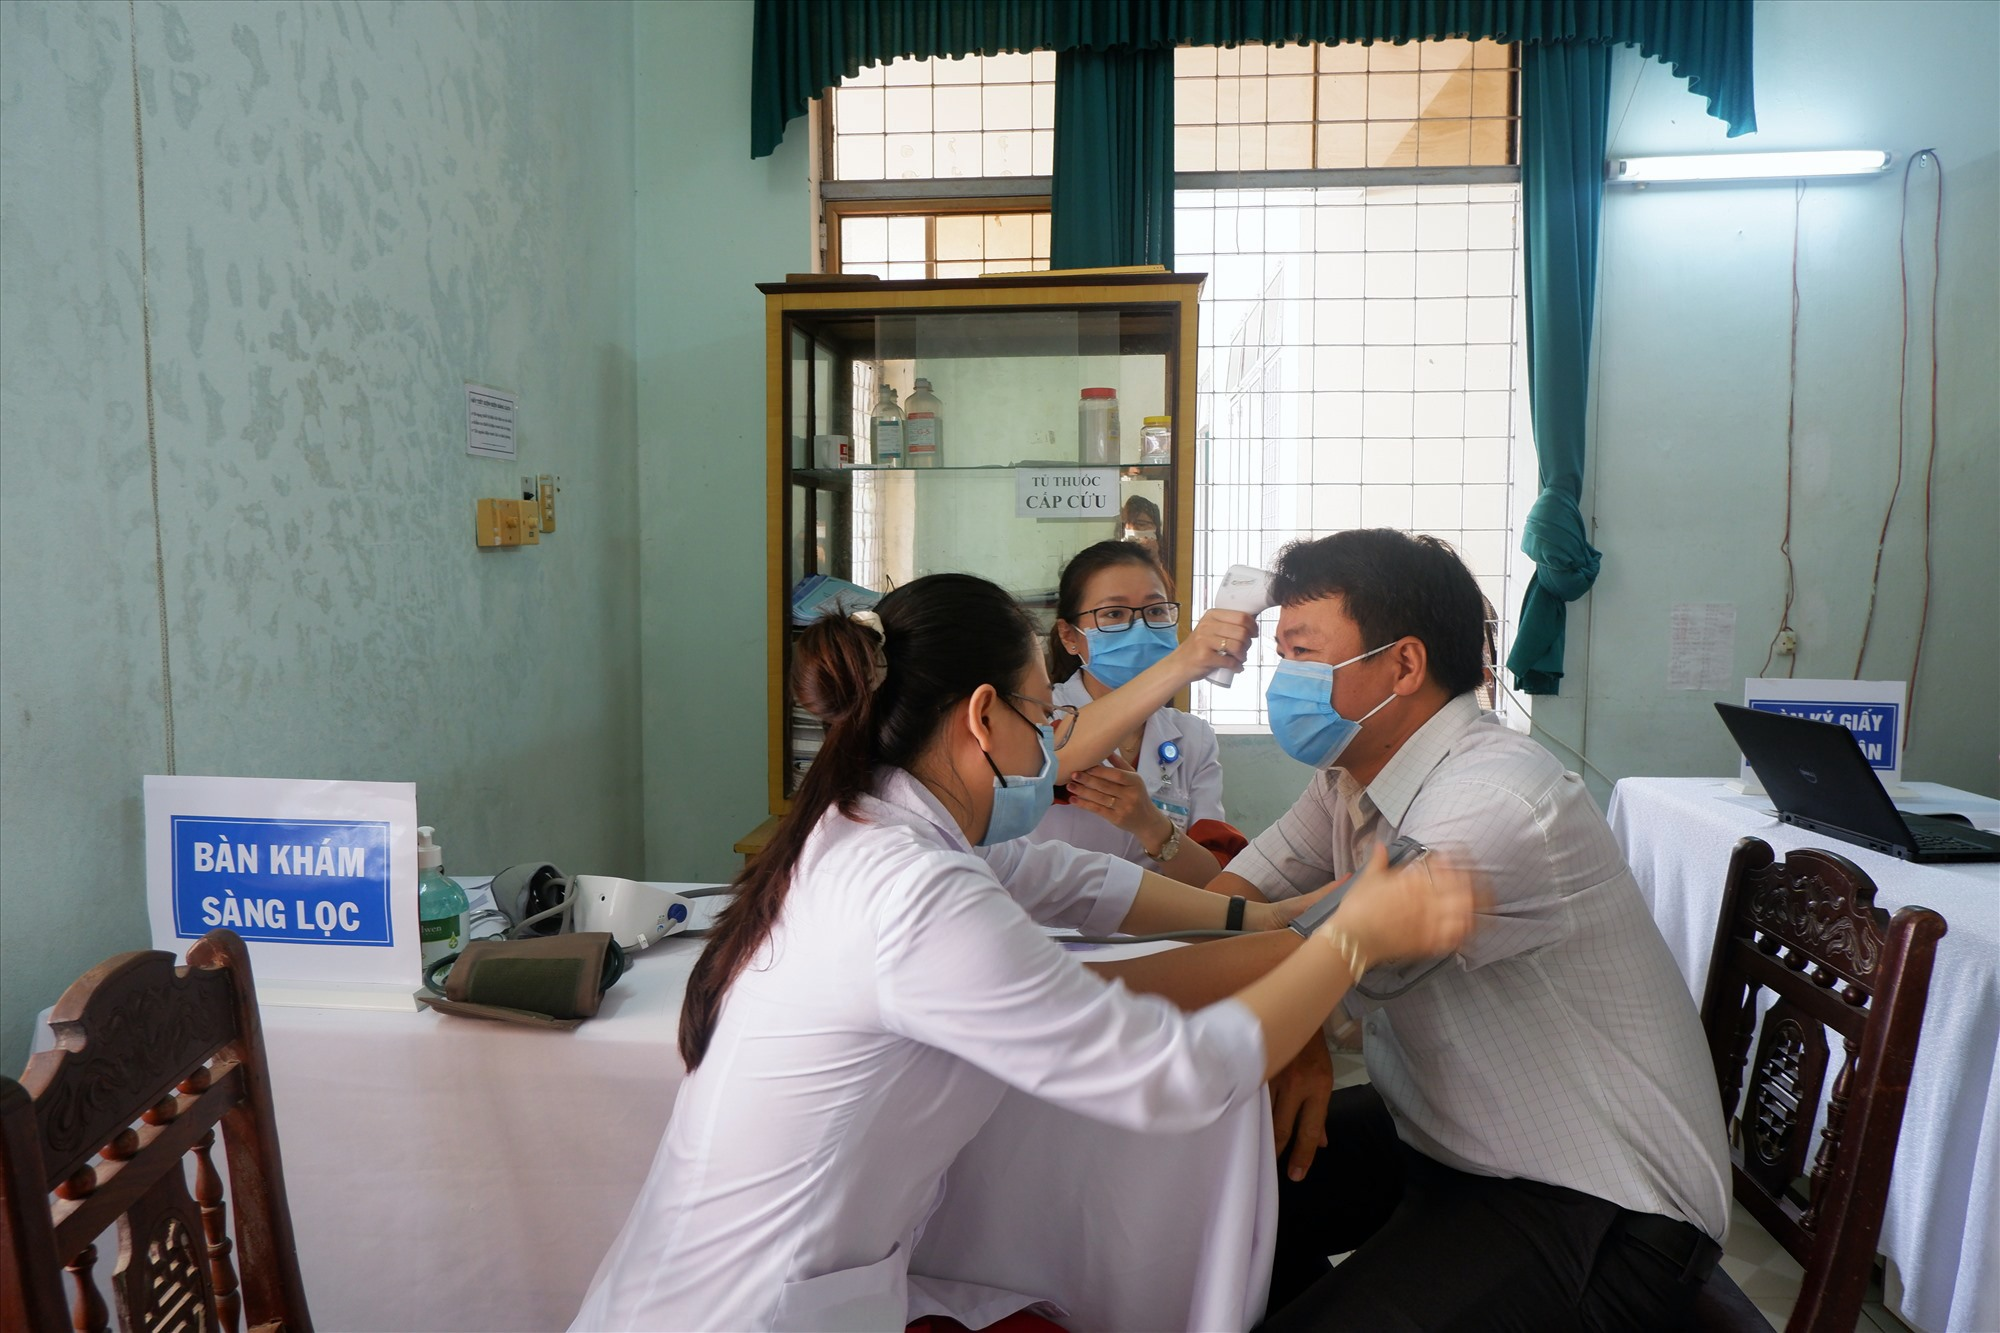 Việc khám sàng lọc trước khi tiêm vắc xin là yêu cầu bắt buộc. Ảnh: X.H